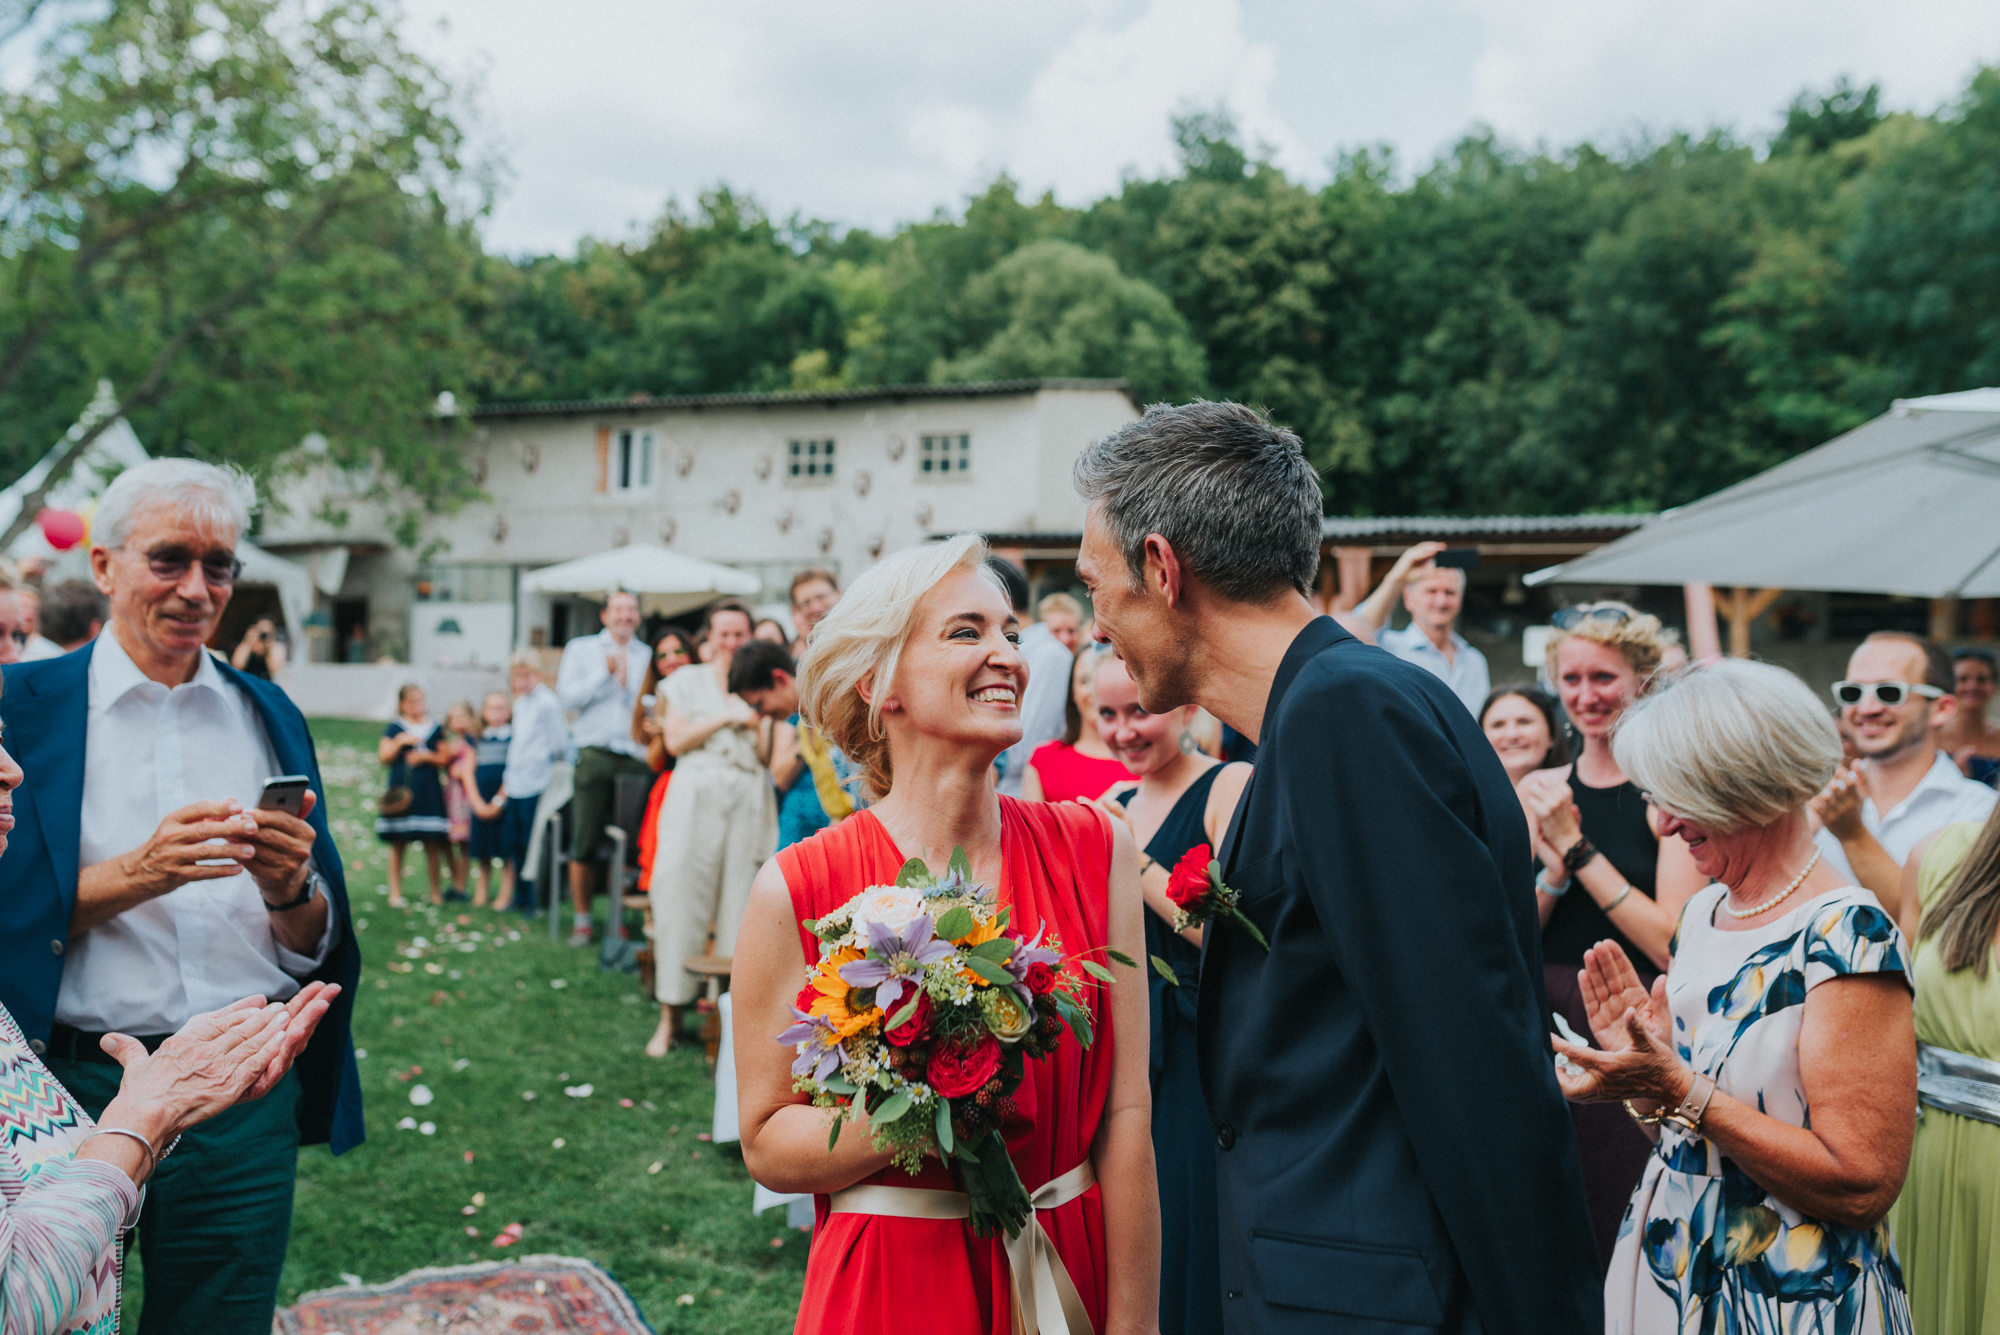 belle&sass_Hochzeit_Stadtflucht Bergmühle-25.jpg